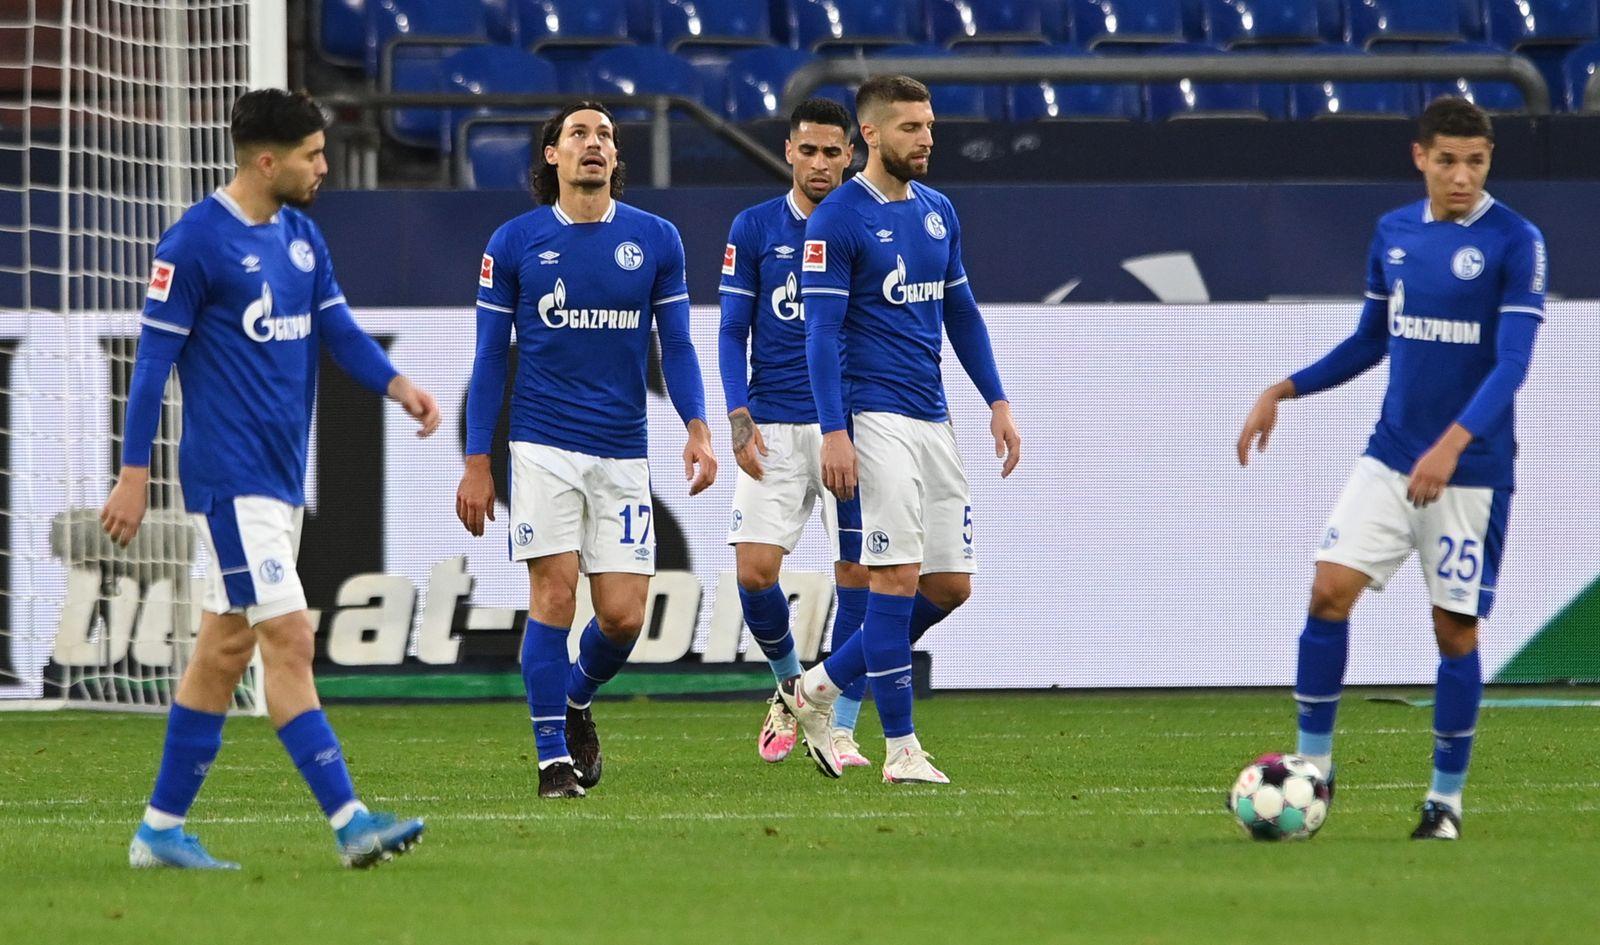 FC Schalke 04 vs. VfL Wolfsburg, Gelsenkirchen, Germany - 21 Nov 2020